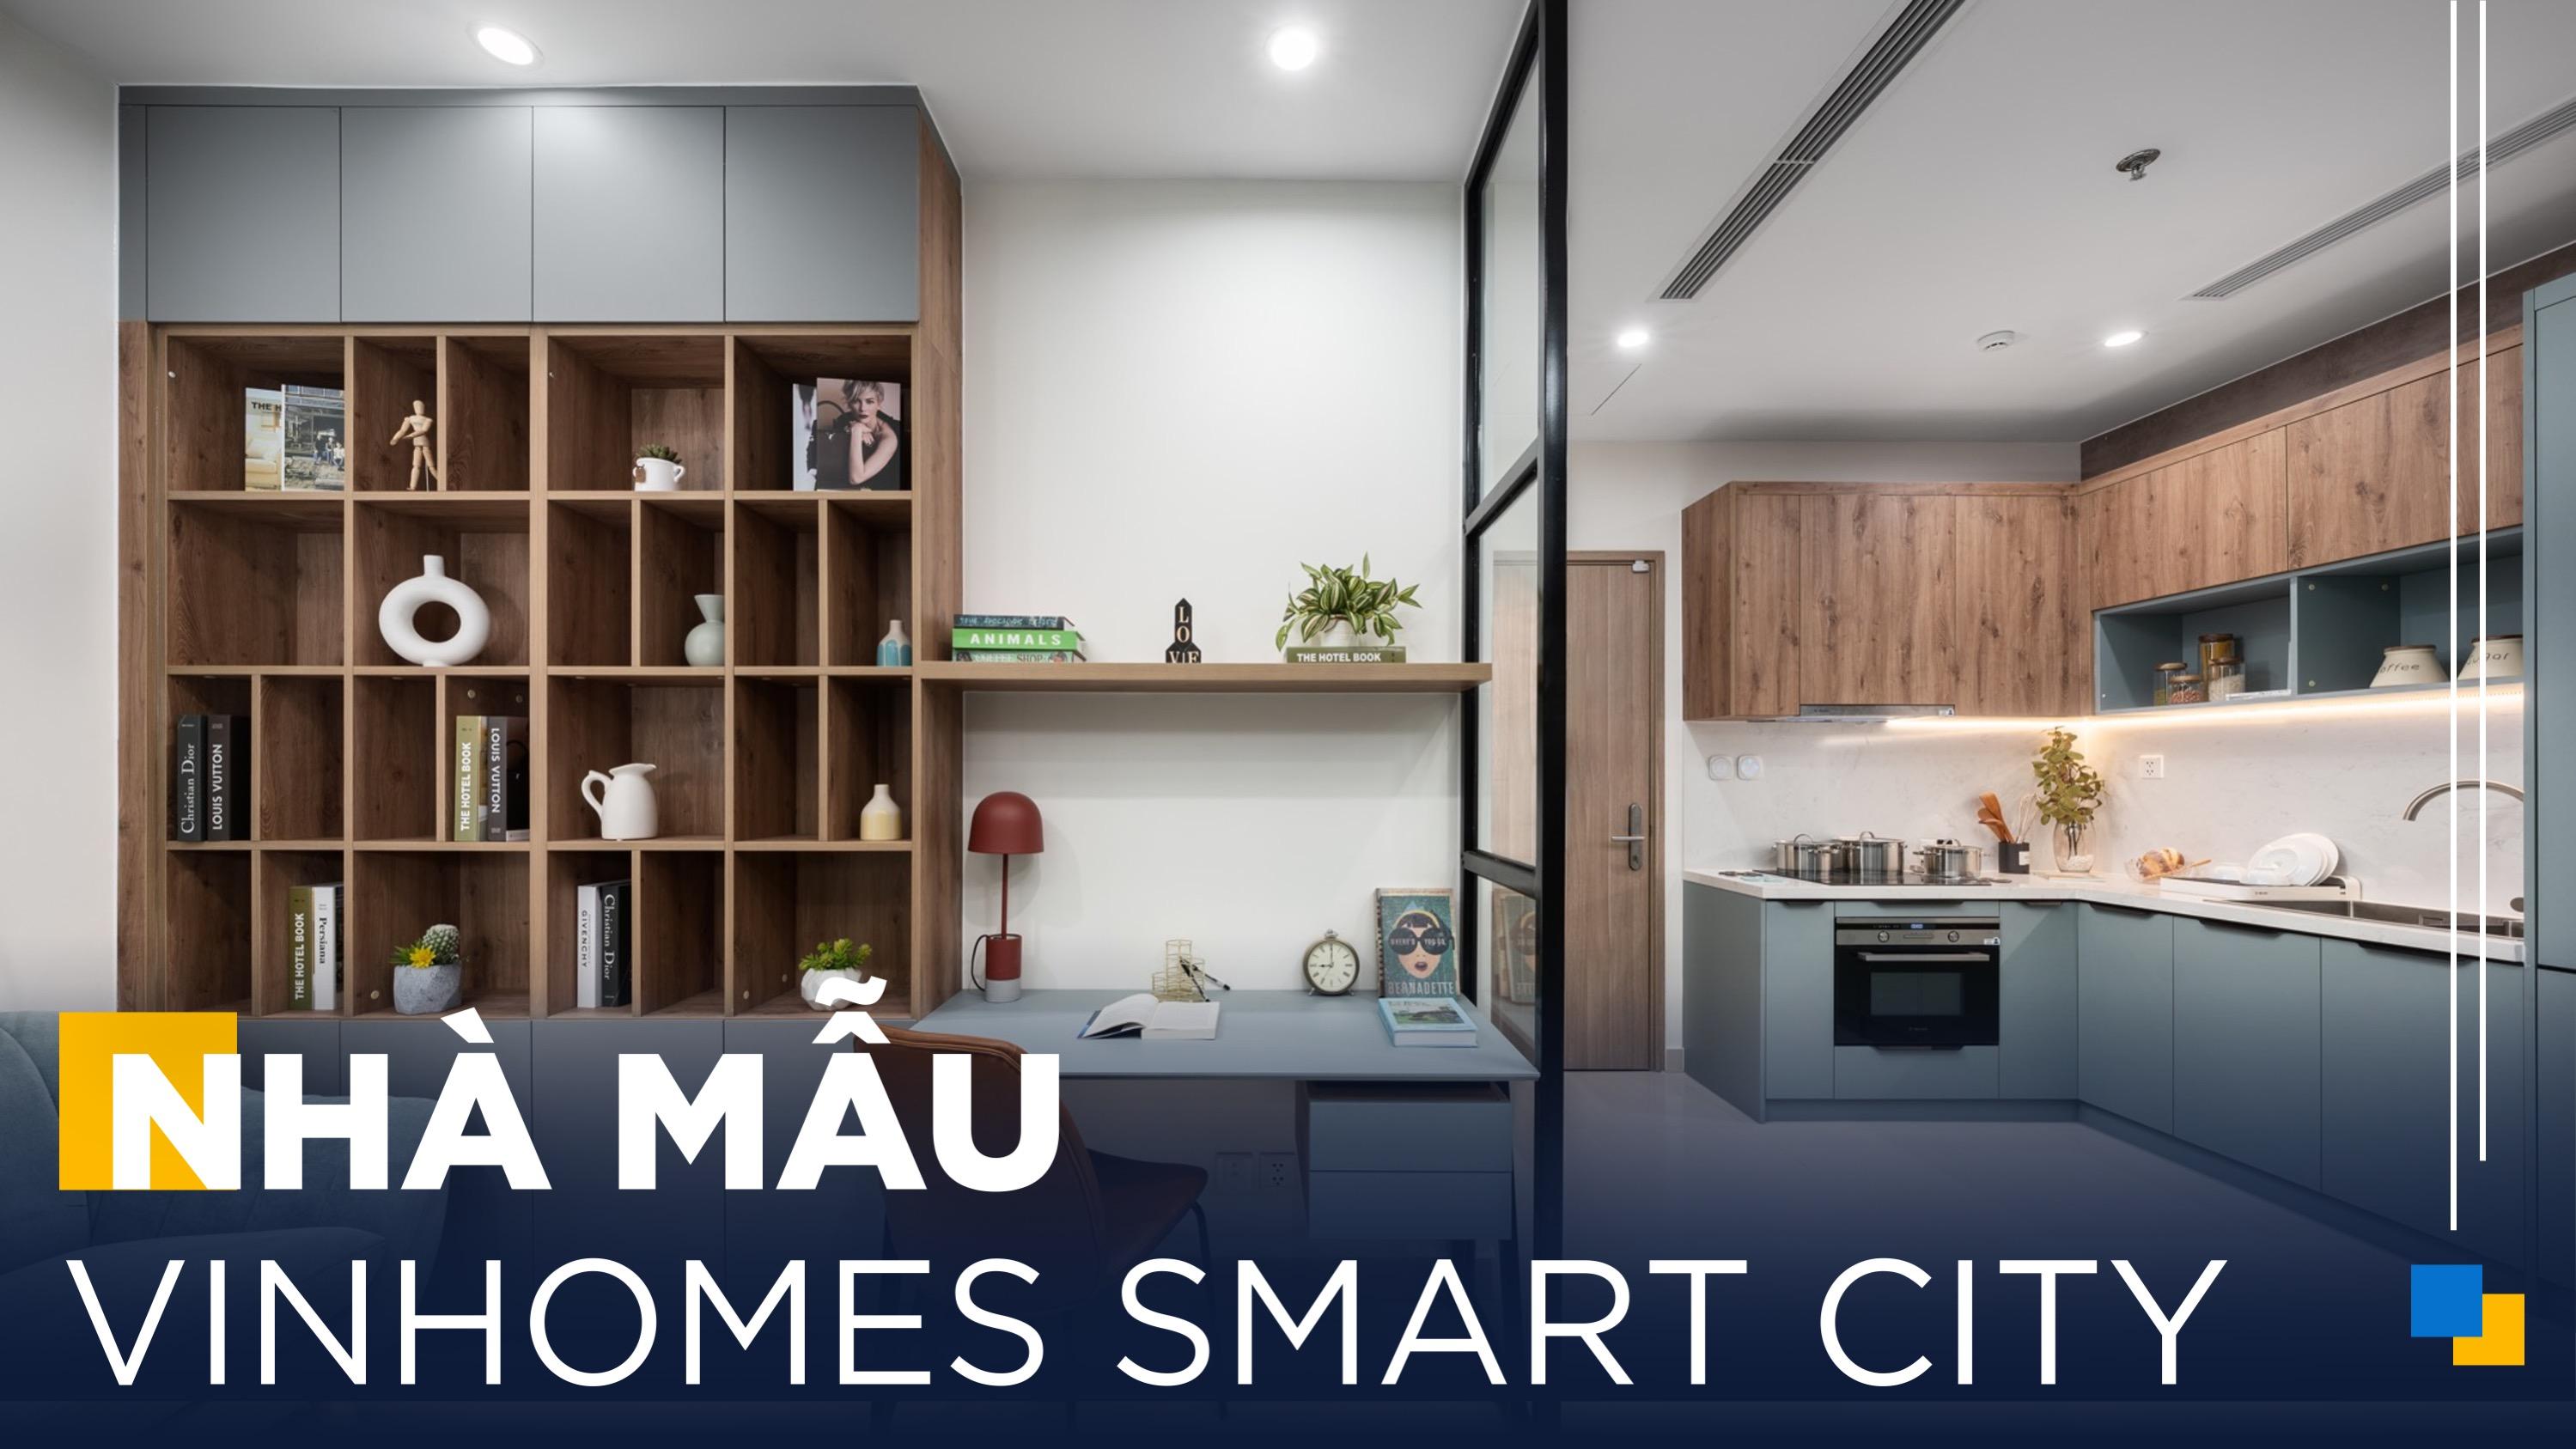 Gỗ An Cường   Thiết Kế Căn Hộ 1 Phòng Ngủ Siêu Hợp Lý Tại Vinhomes Smart City